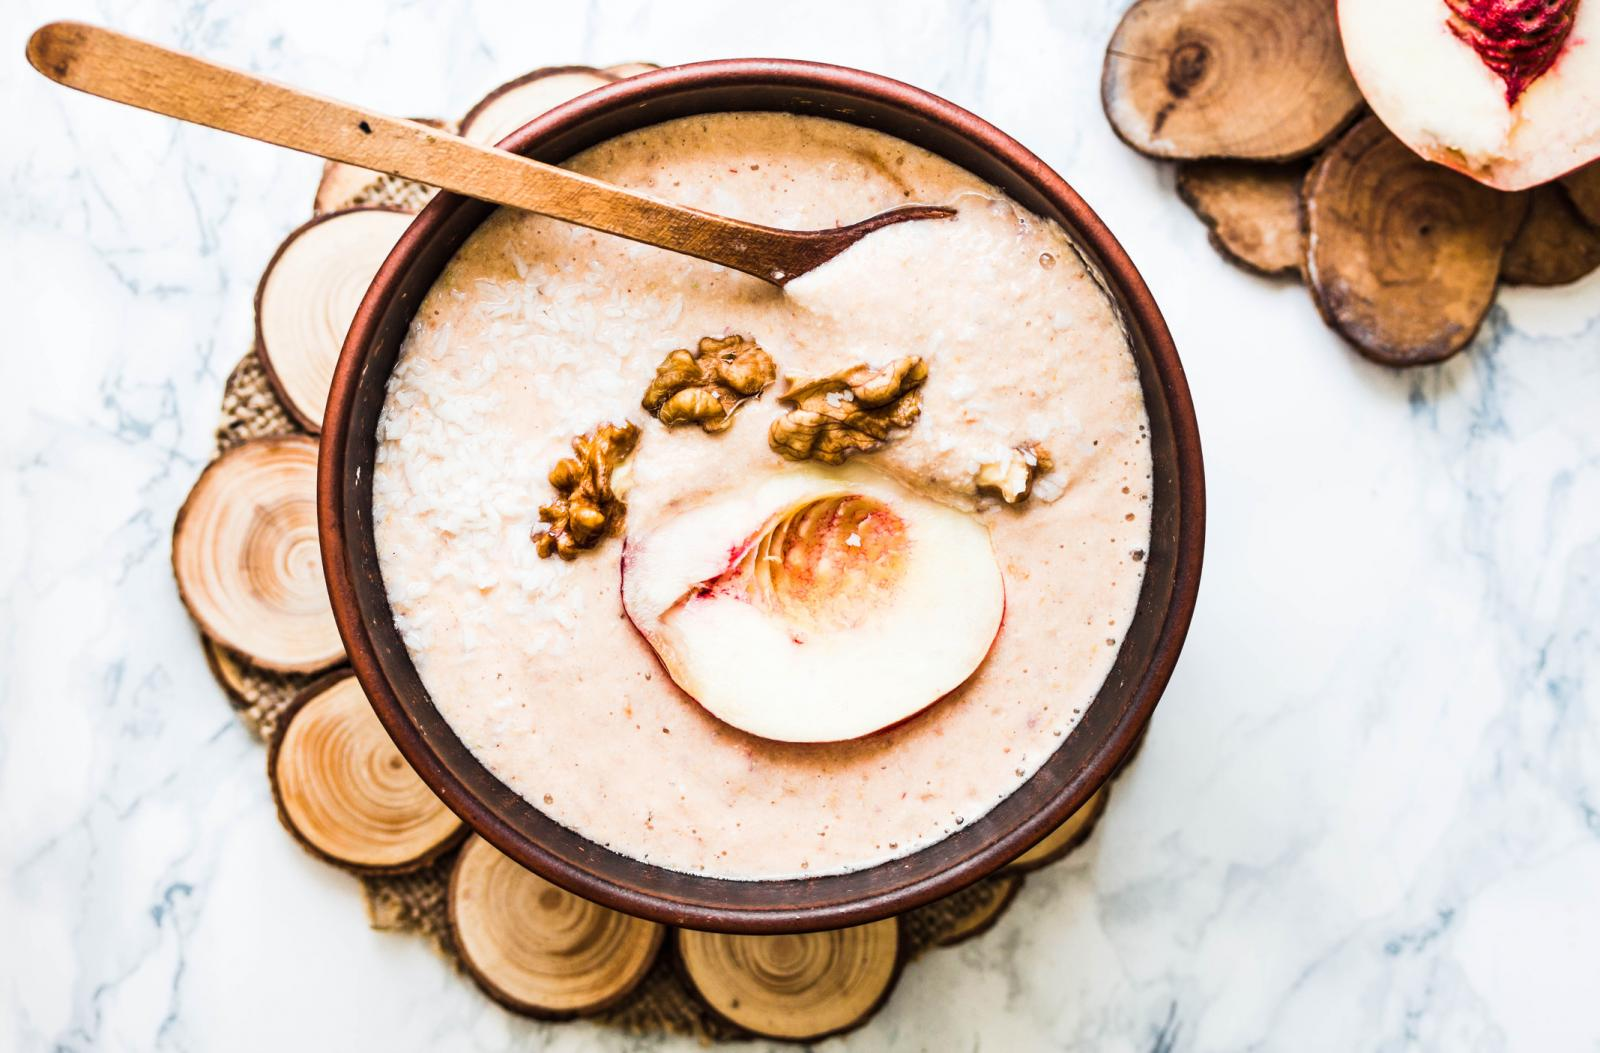 Zbog svog specifičnog okusa, svježi plod navikli su jesti samo u Peruu i Brazilu, kod nas ćete je naći u prahu pa je možete miješati u smoothie, smjesu za palačinke, kolače i sl.